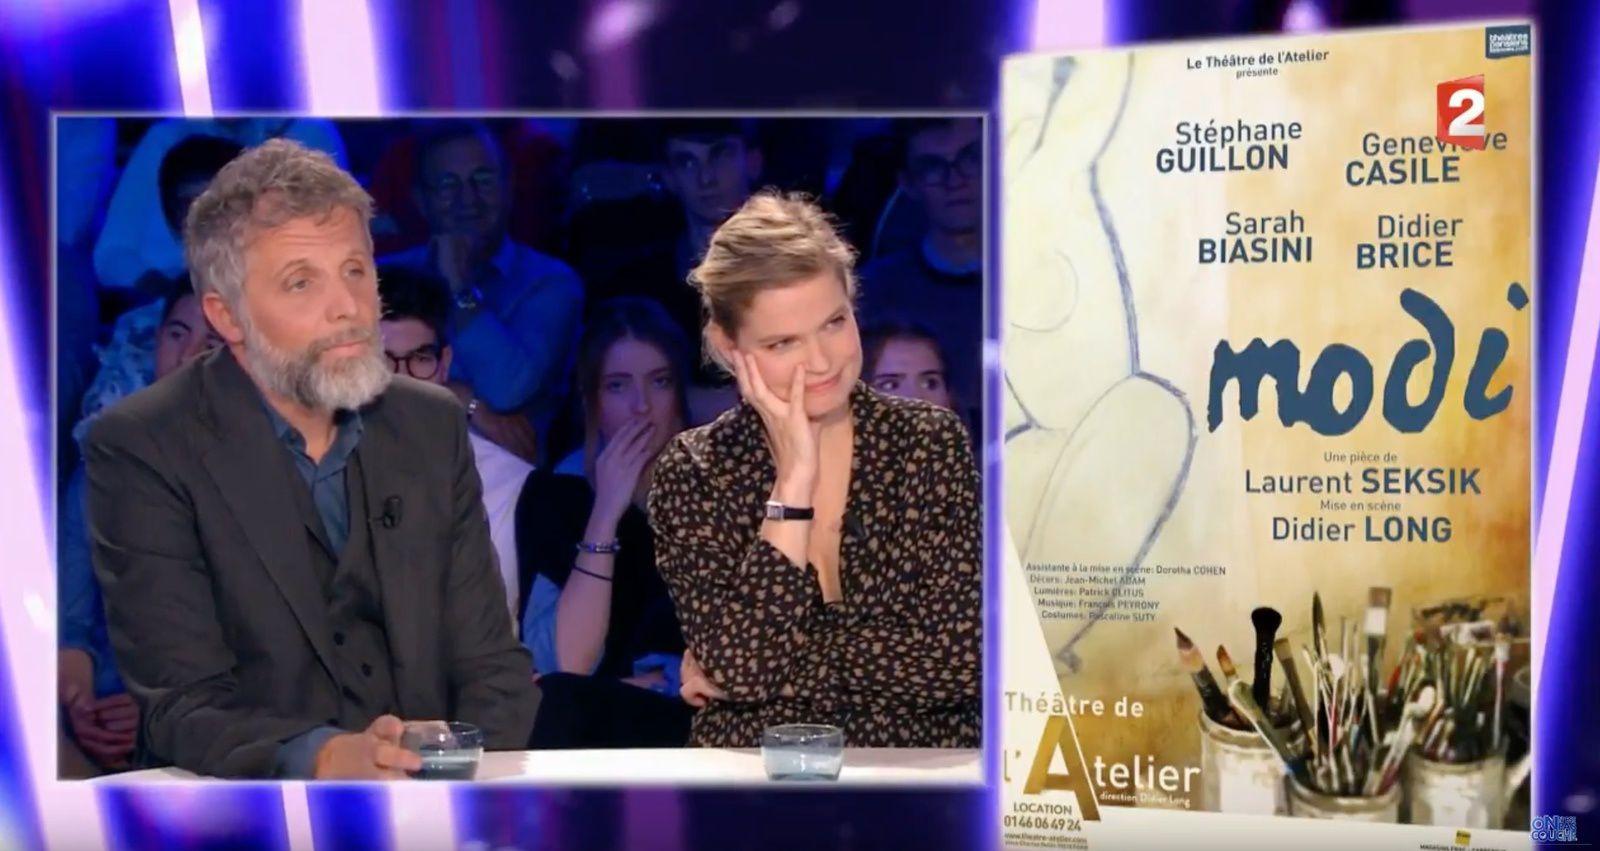 Les vidéos d'On n'est pas couché samedi avec Stéphane Guillon, Hondelatte, Attali...